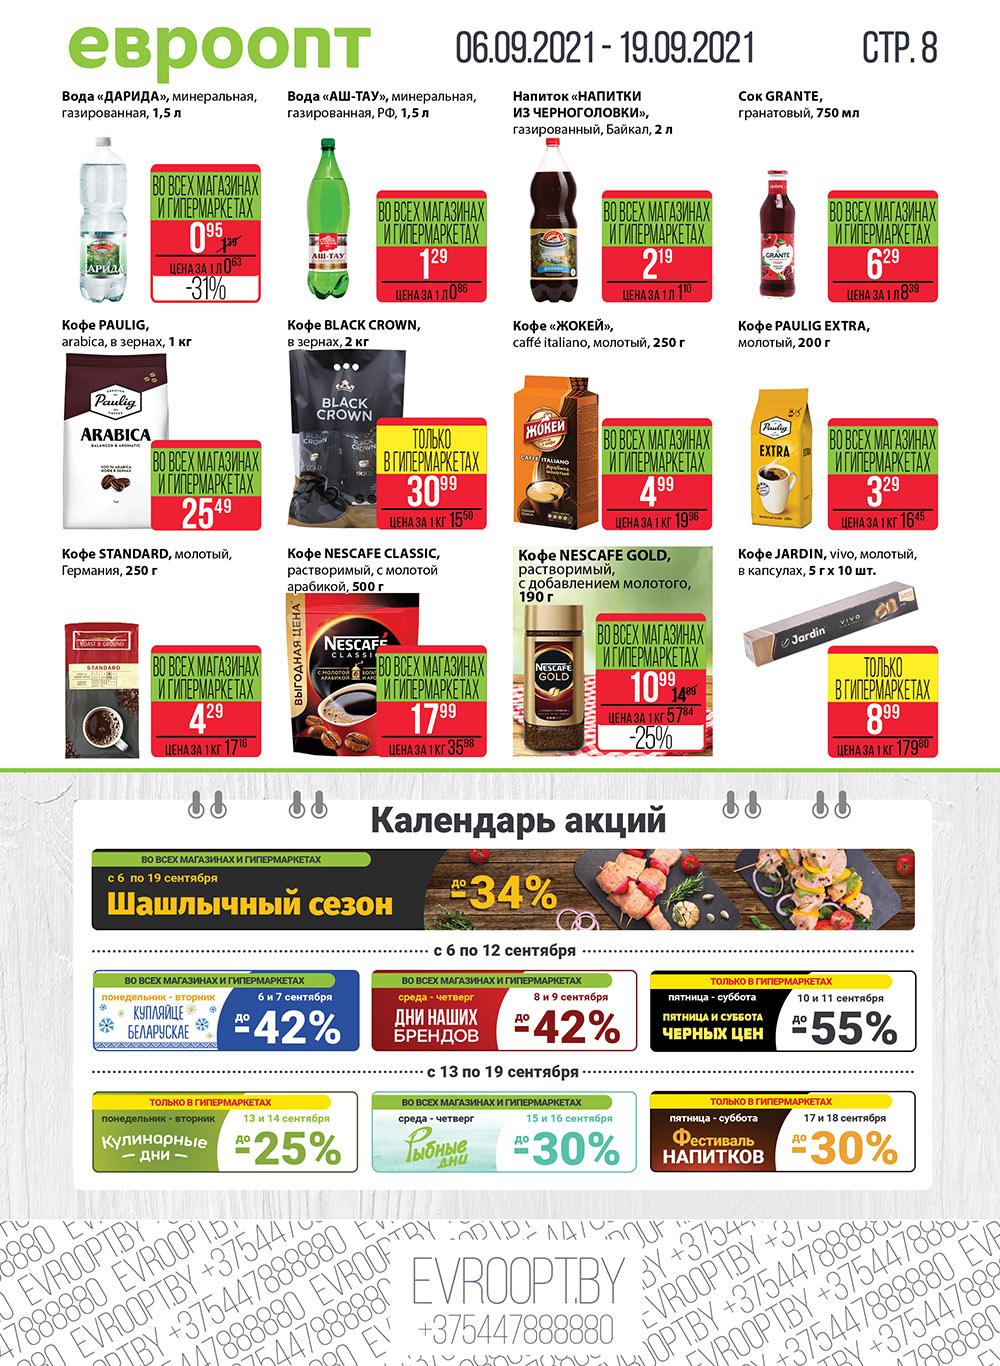 Скидки на овощи и фрукты, купить фрукты, акции